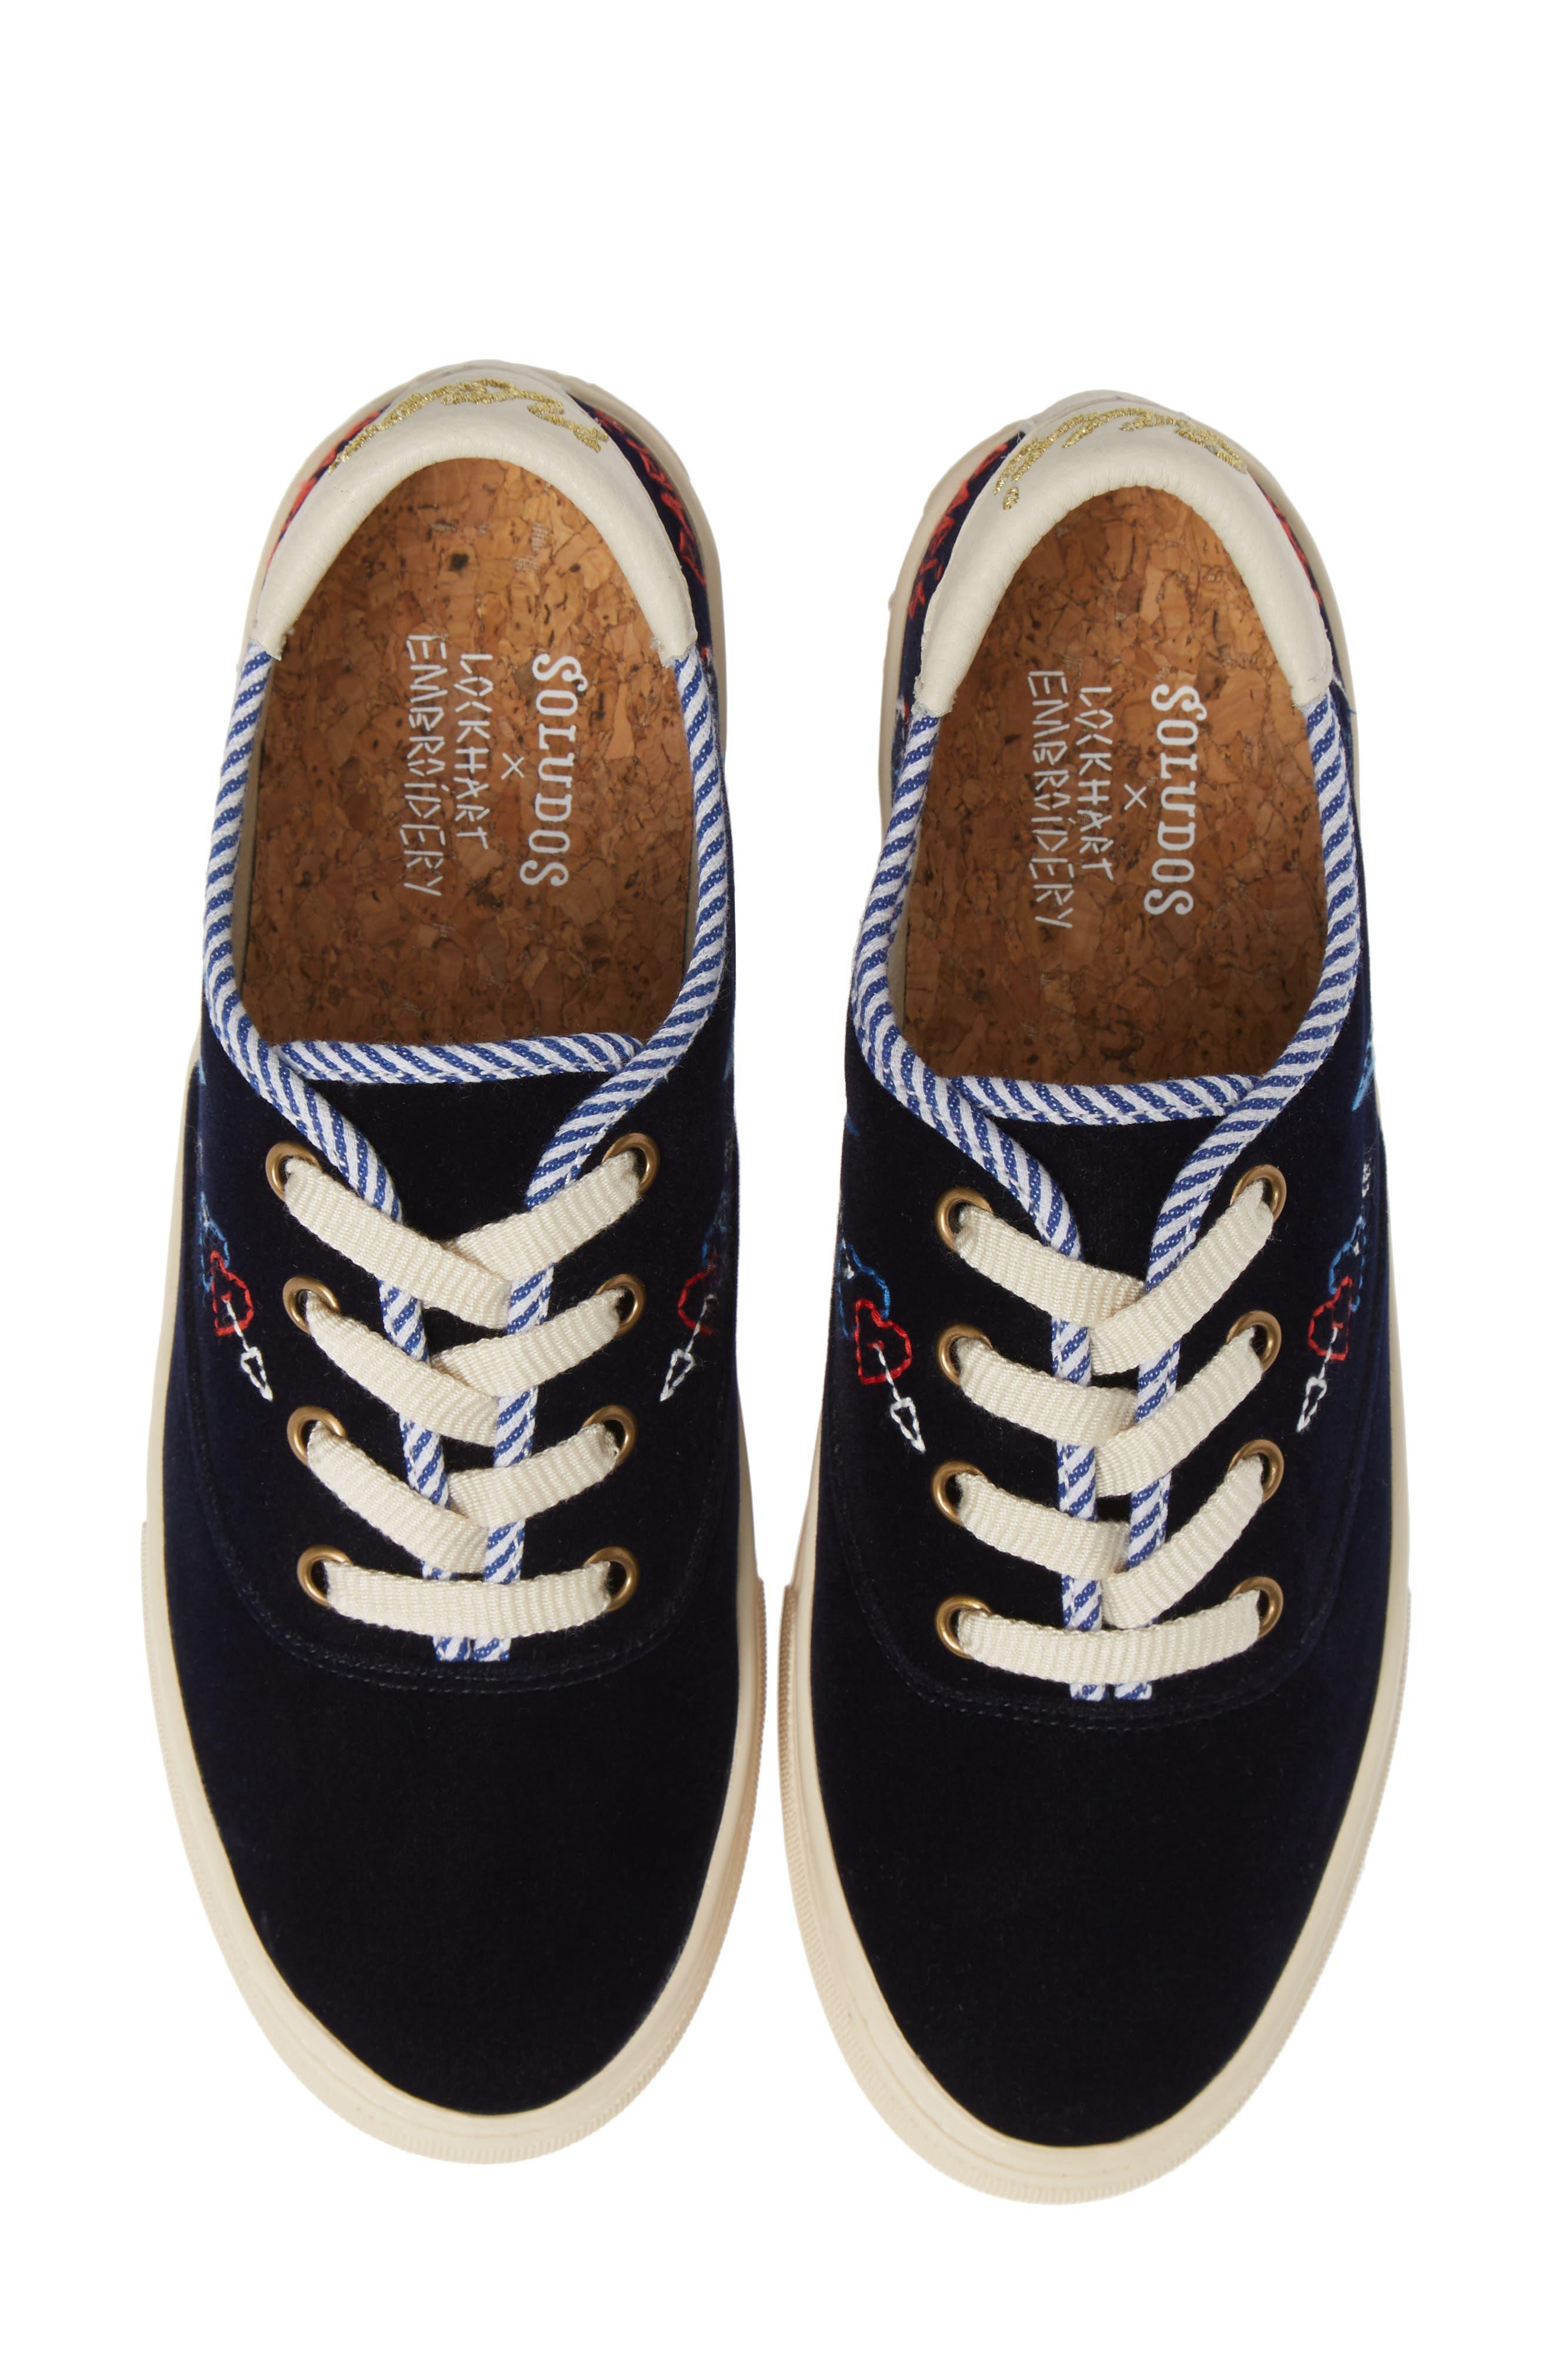 SOLUDOS Paris Velvet Platform Sneakers in Navy